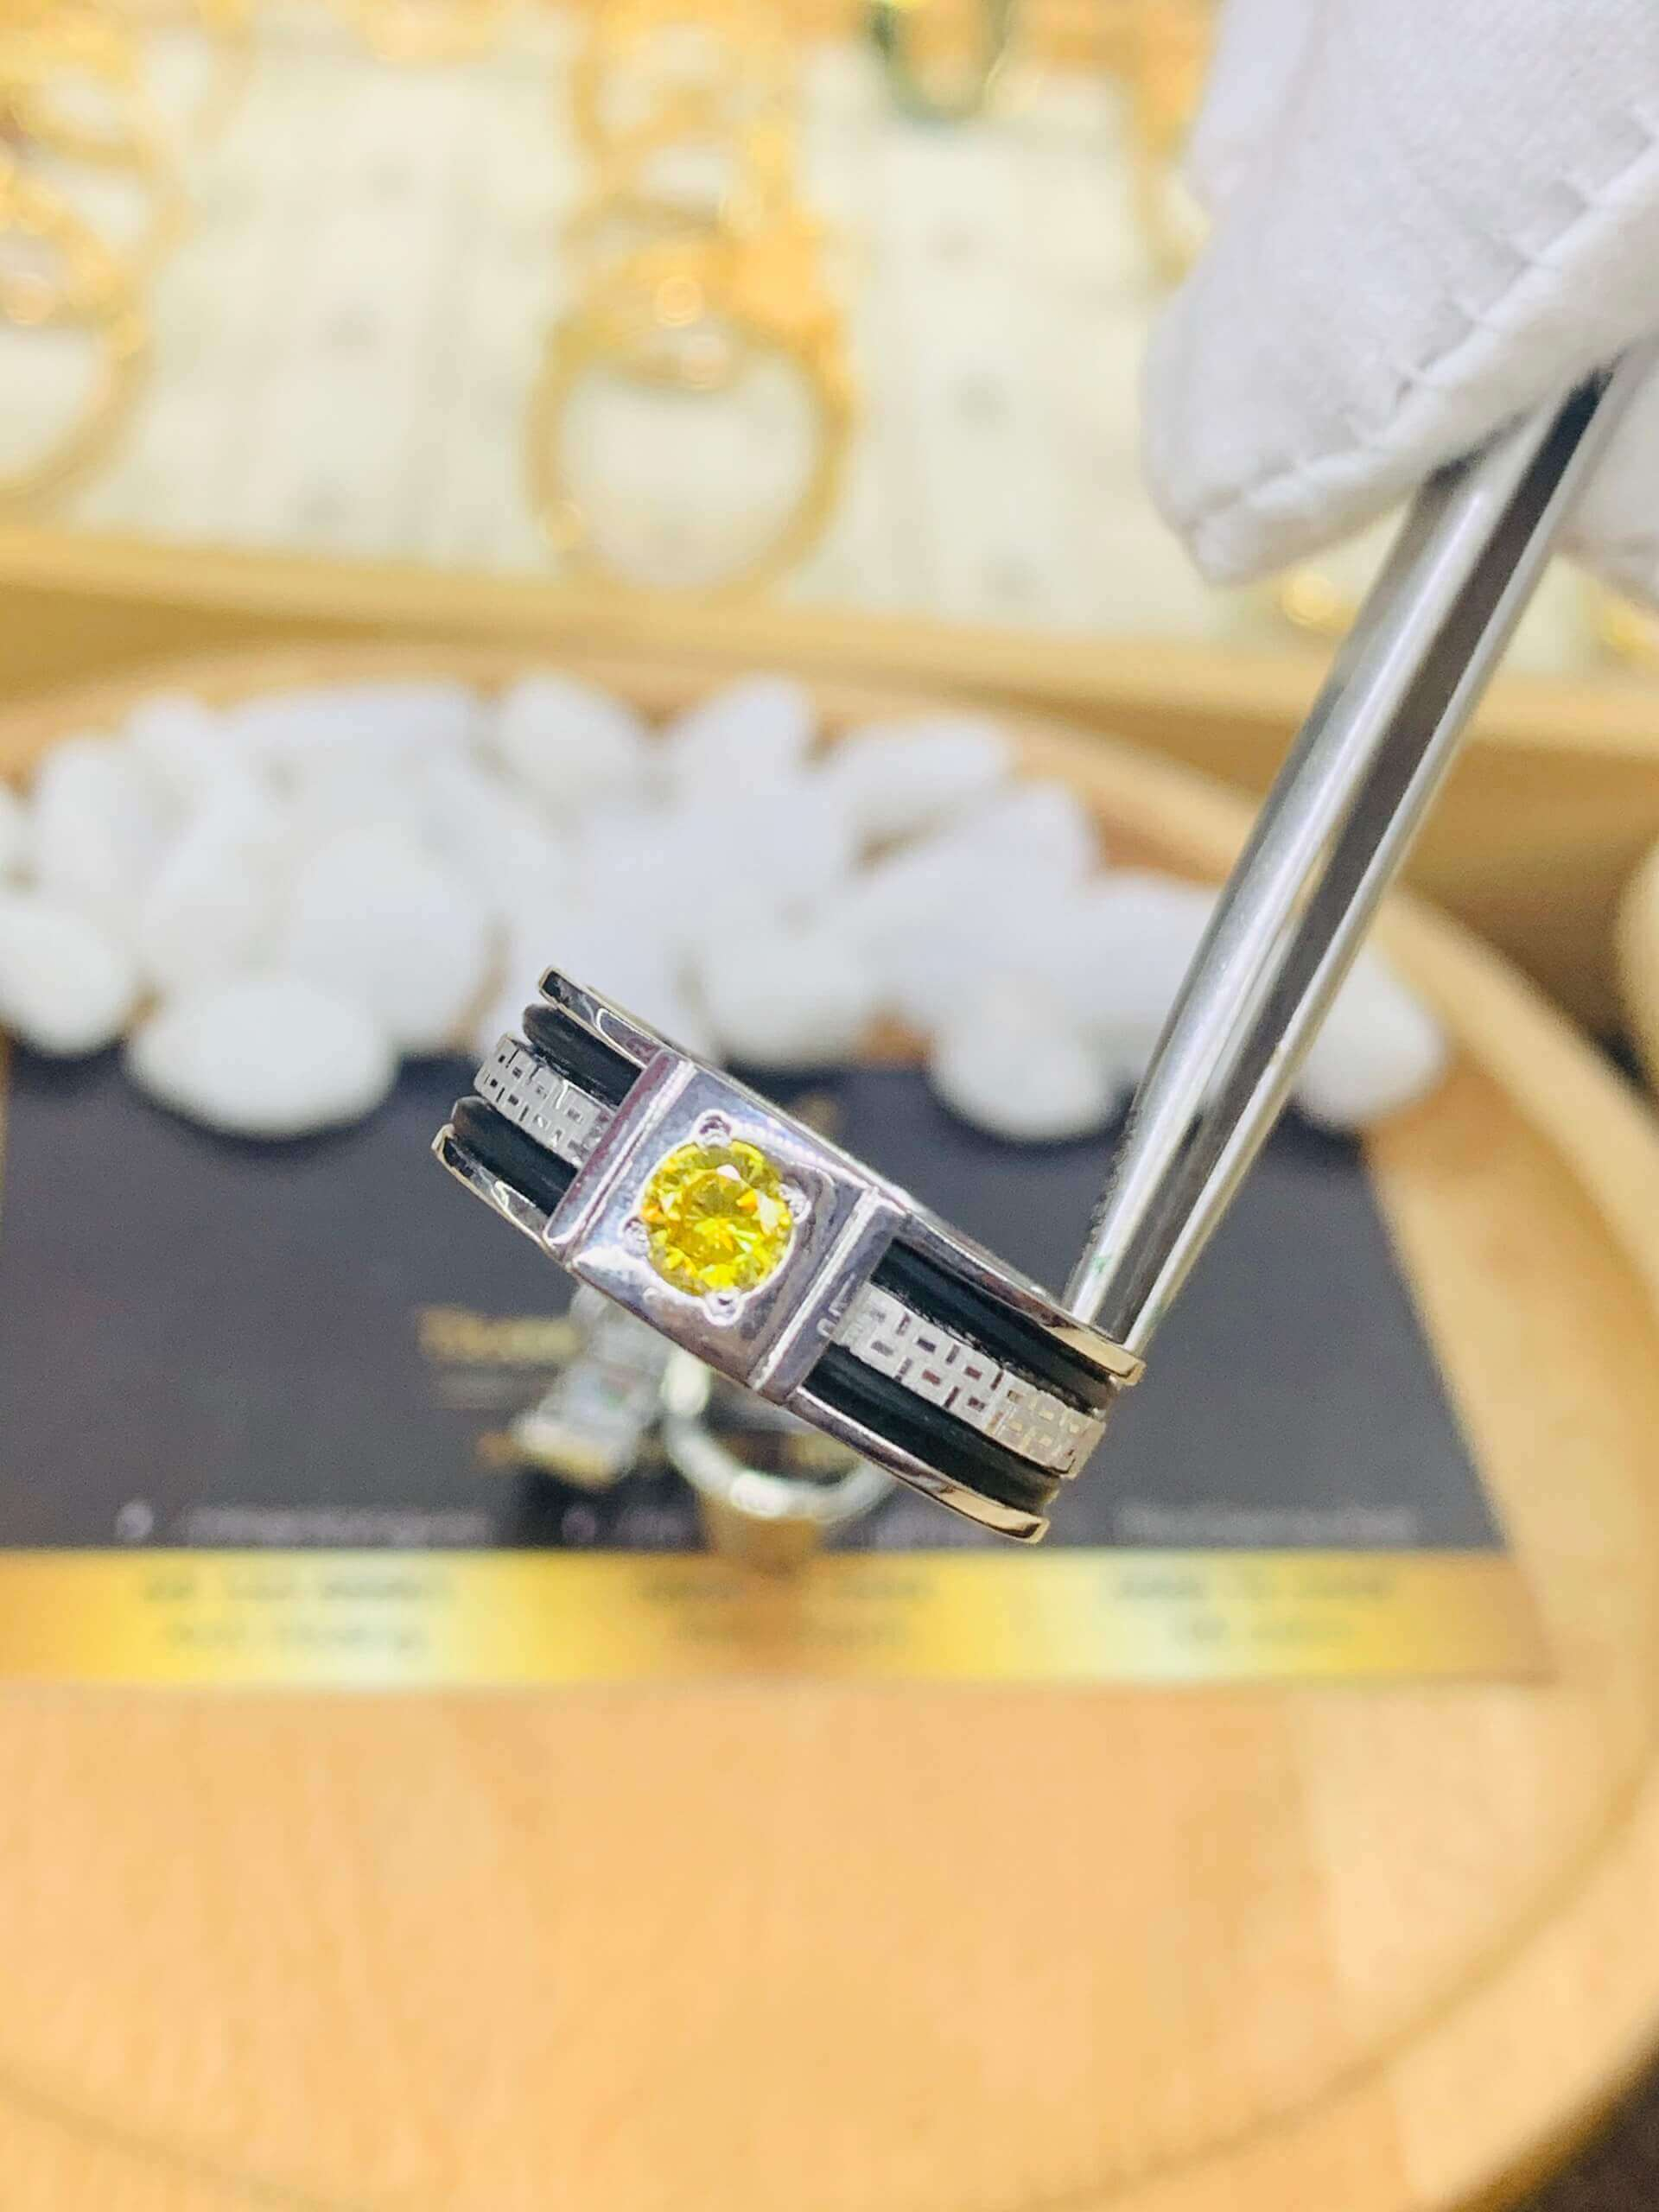 Nhẫn thỏi Vàng vàng Trắng chạy hoa văn đính Cz vàng luồng 2 lông voi phù hợp với người dùng mệnh KIM - THỔ